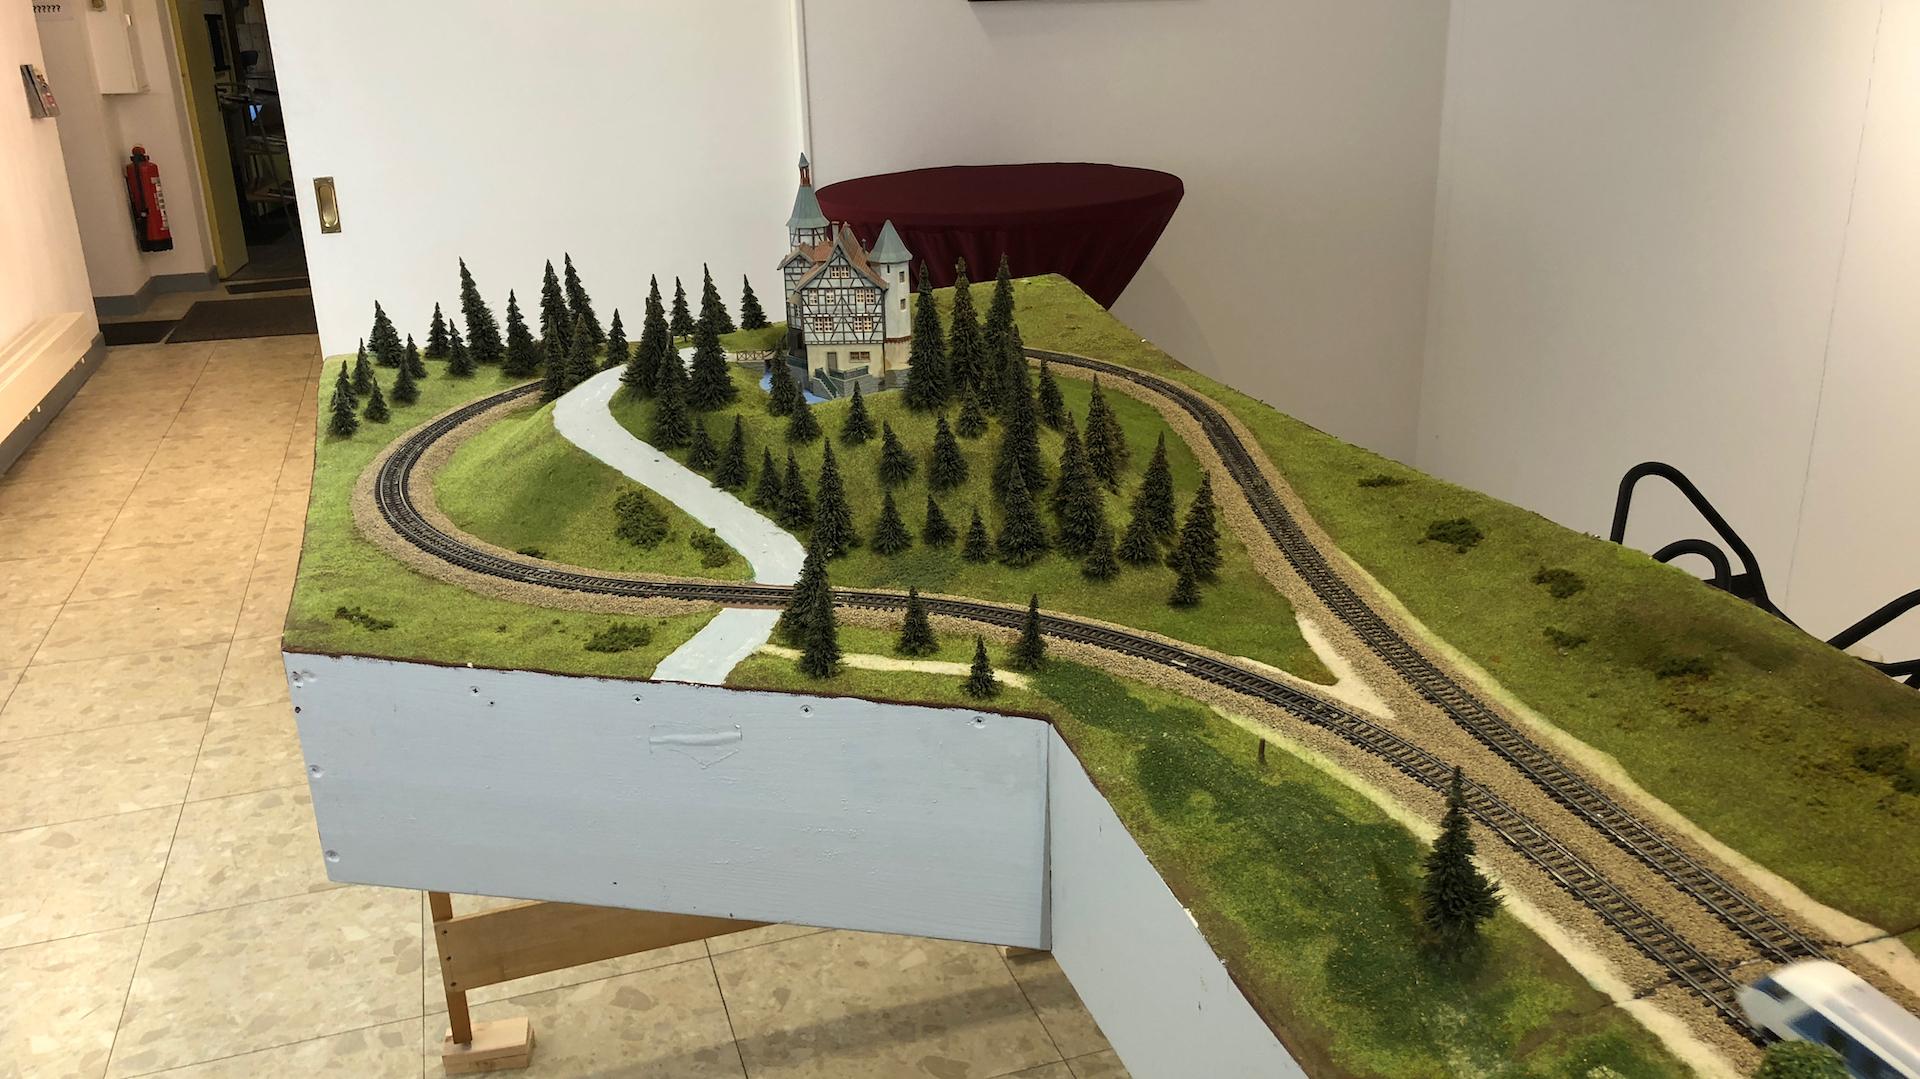 18_01_06_Besuch-Eisenbahnausstellung-Springe_029